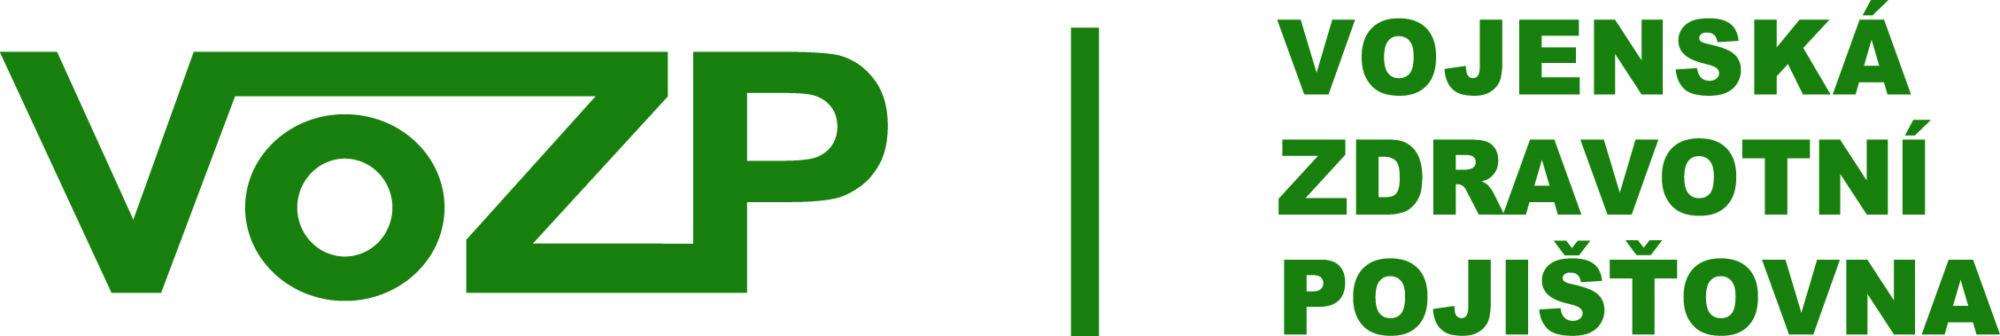 vozp_logo4_krivky.jpg